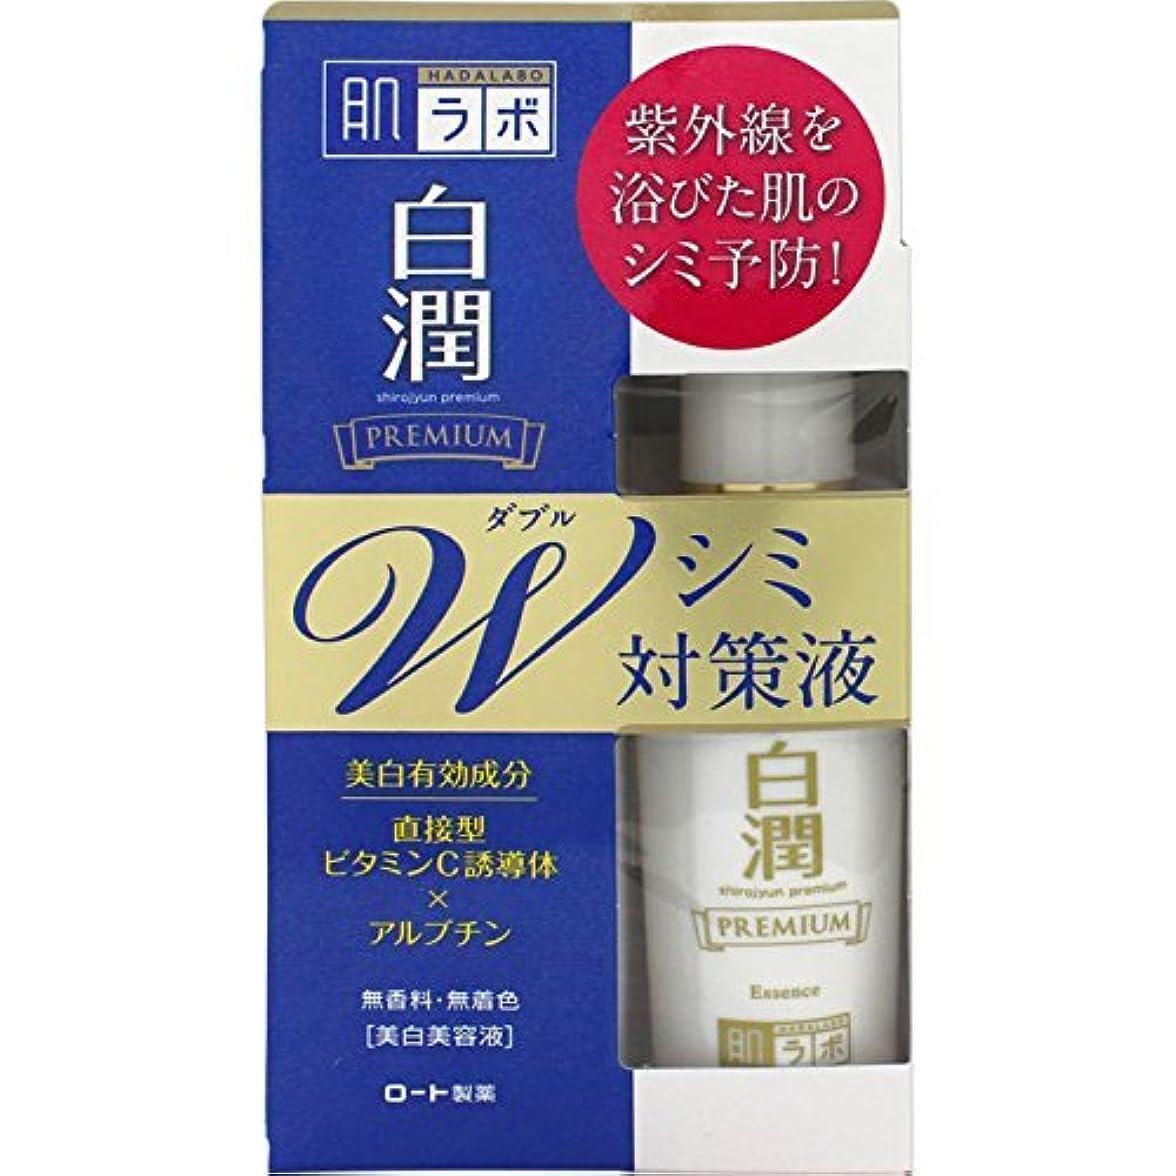 円形の医療の除外する肌ラボ 白潤 プレミアムW美白美容液 40mL【医薬部外品】